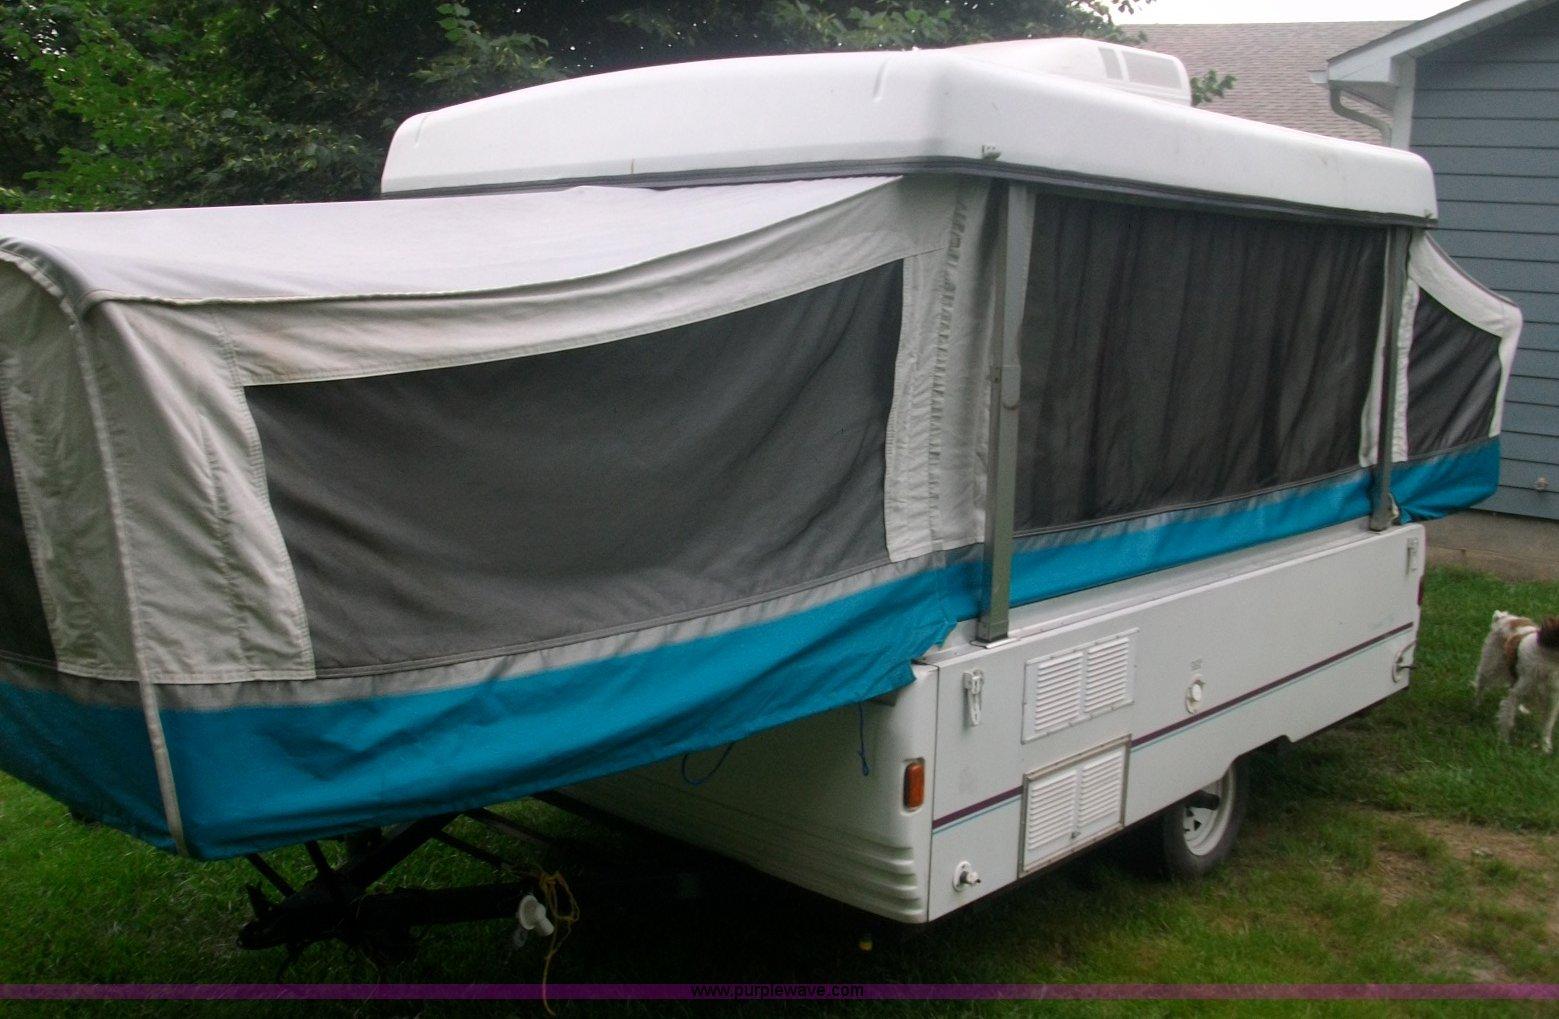 ... Fleetwood Santa Fe pop up camper Full size in new window ...